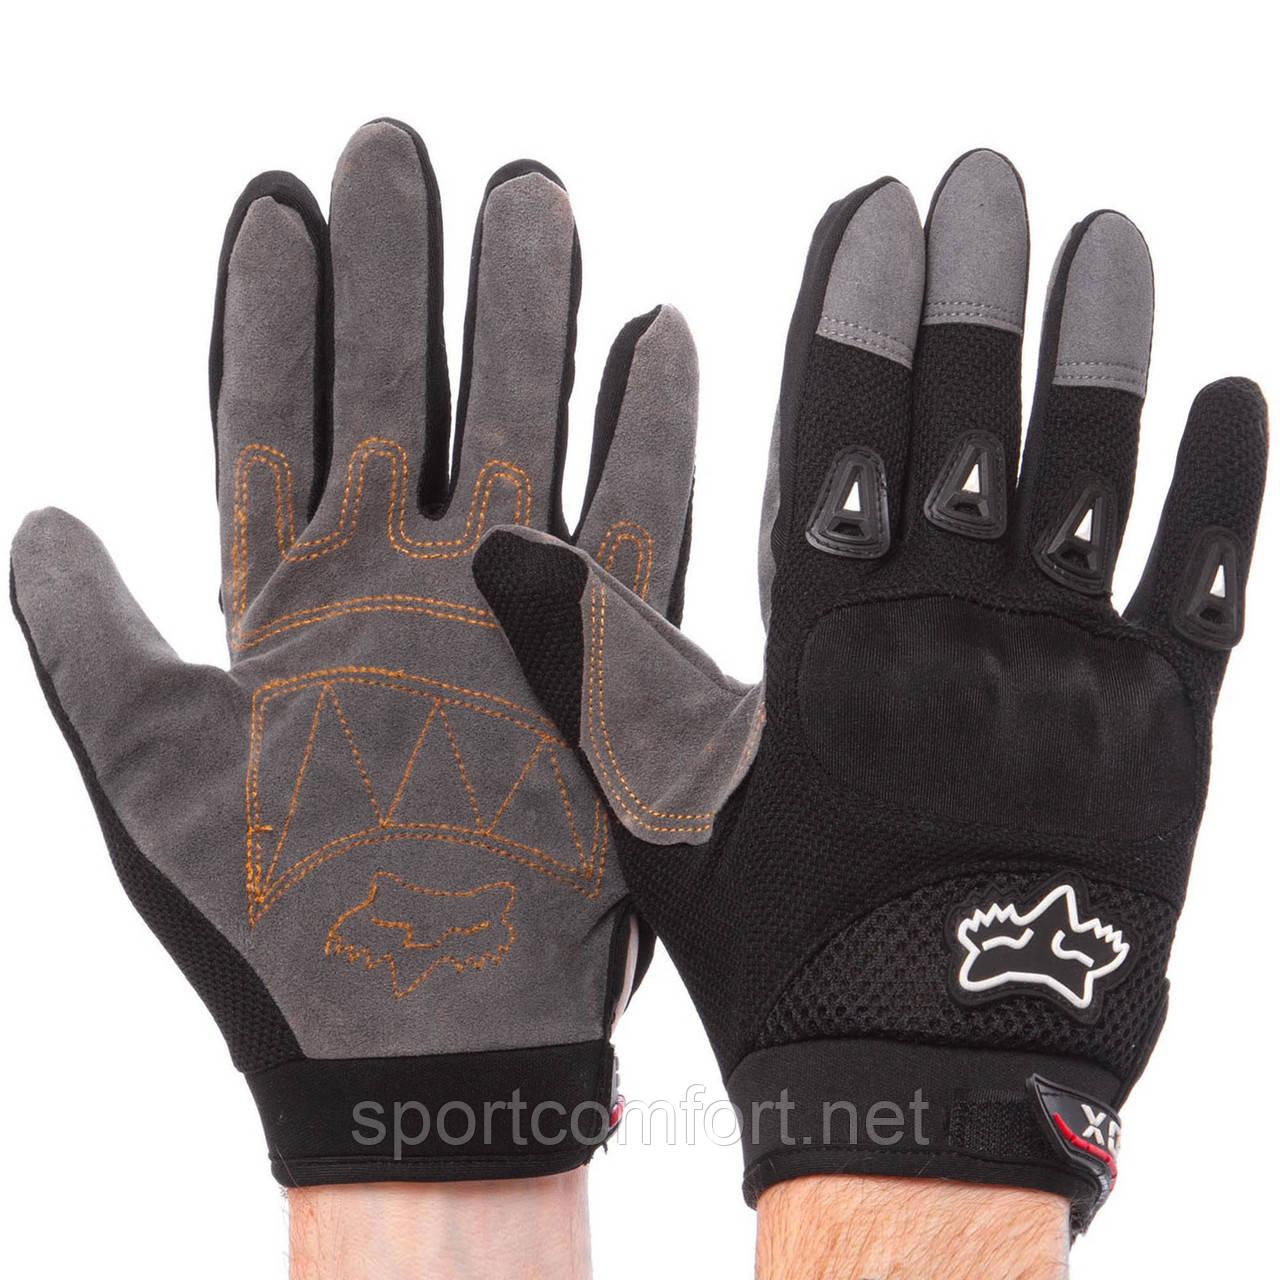 Мотоперчатки Fox текстильные размер L, XL